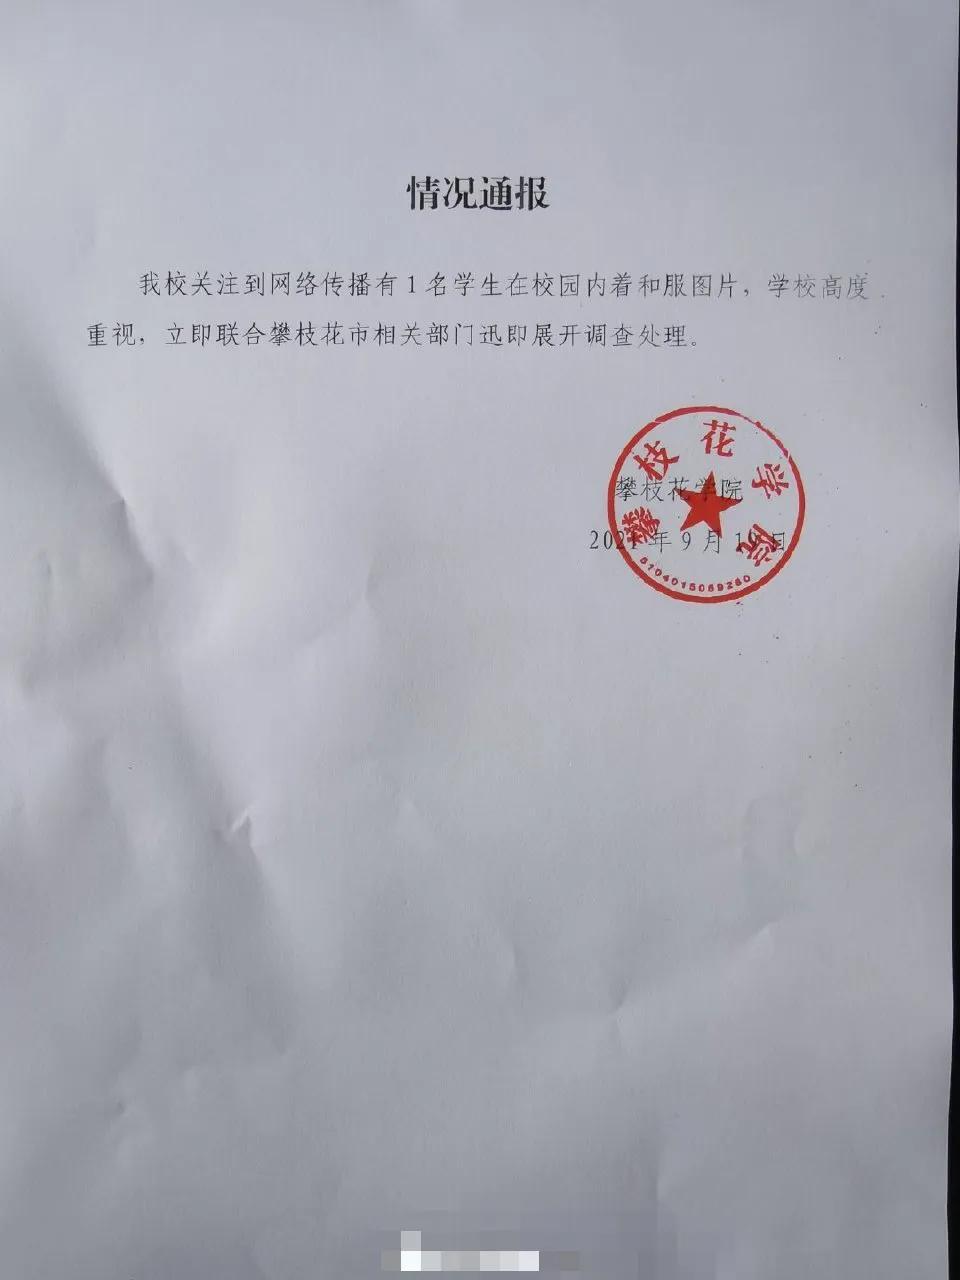 攀枝花日语女老师9月18日公然穿和服校园摆拍,官方已展开调查